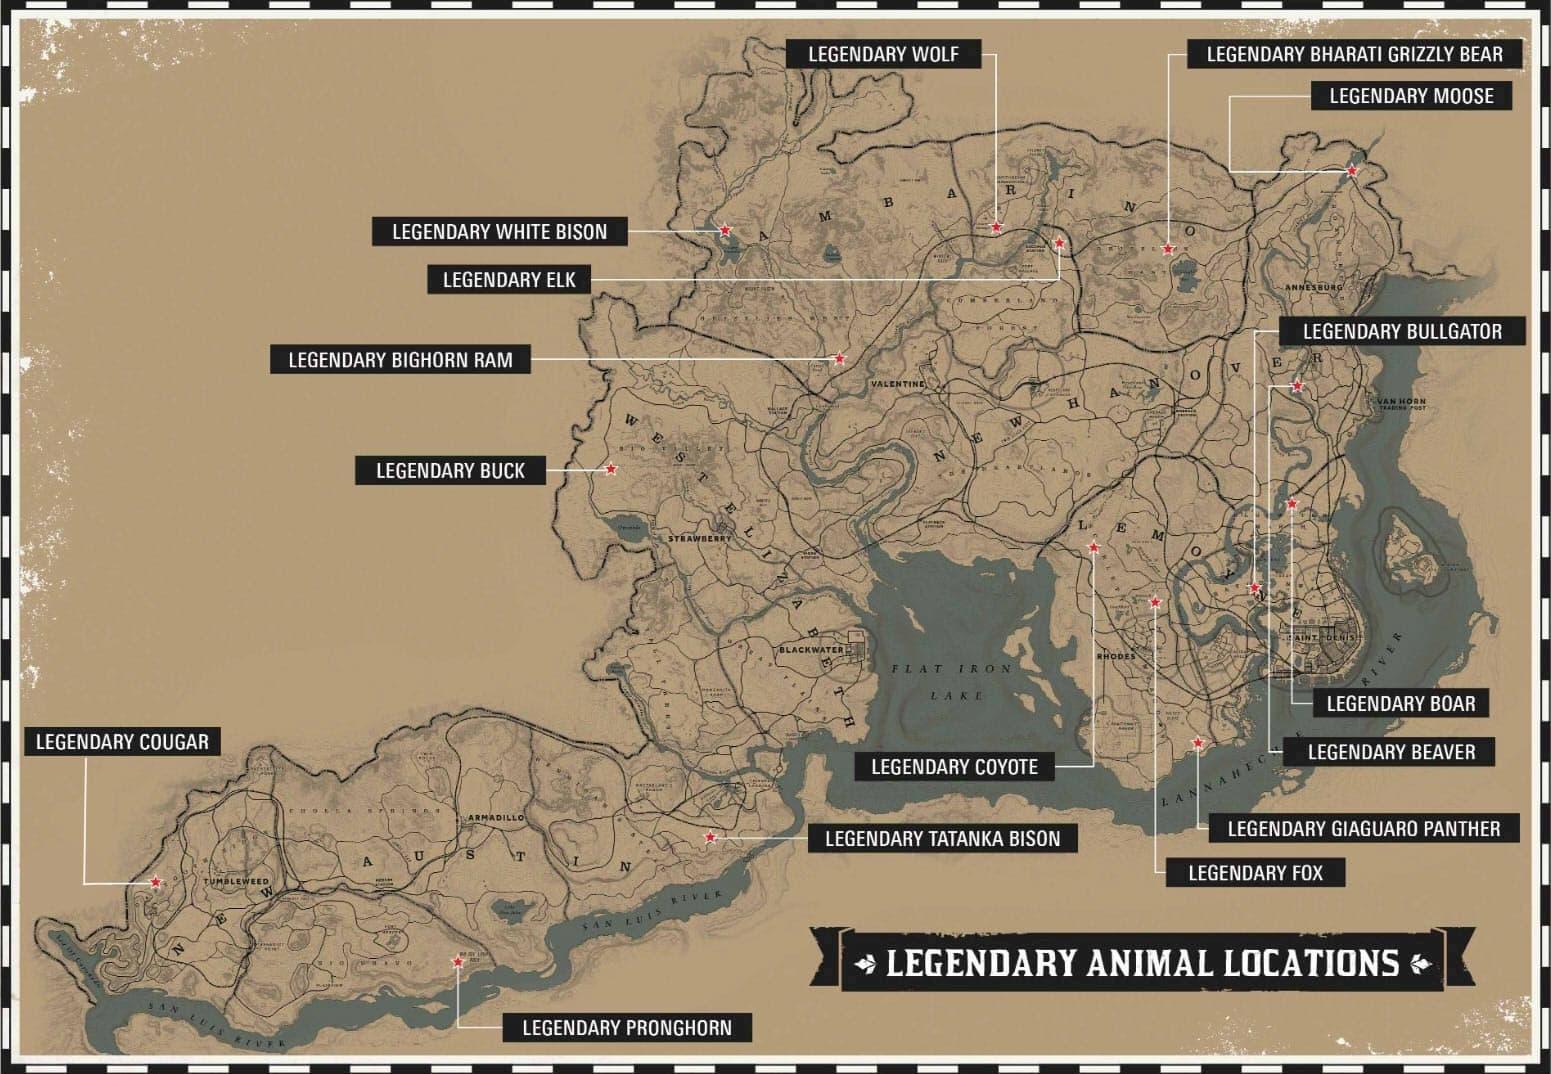 Carte des animaux légendaires de Red Dead Redemption 2